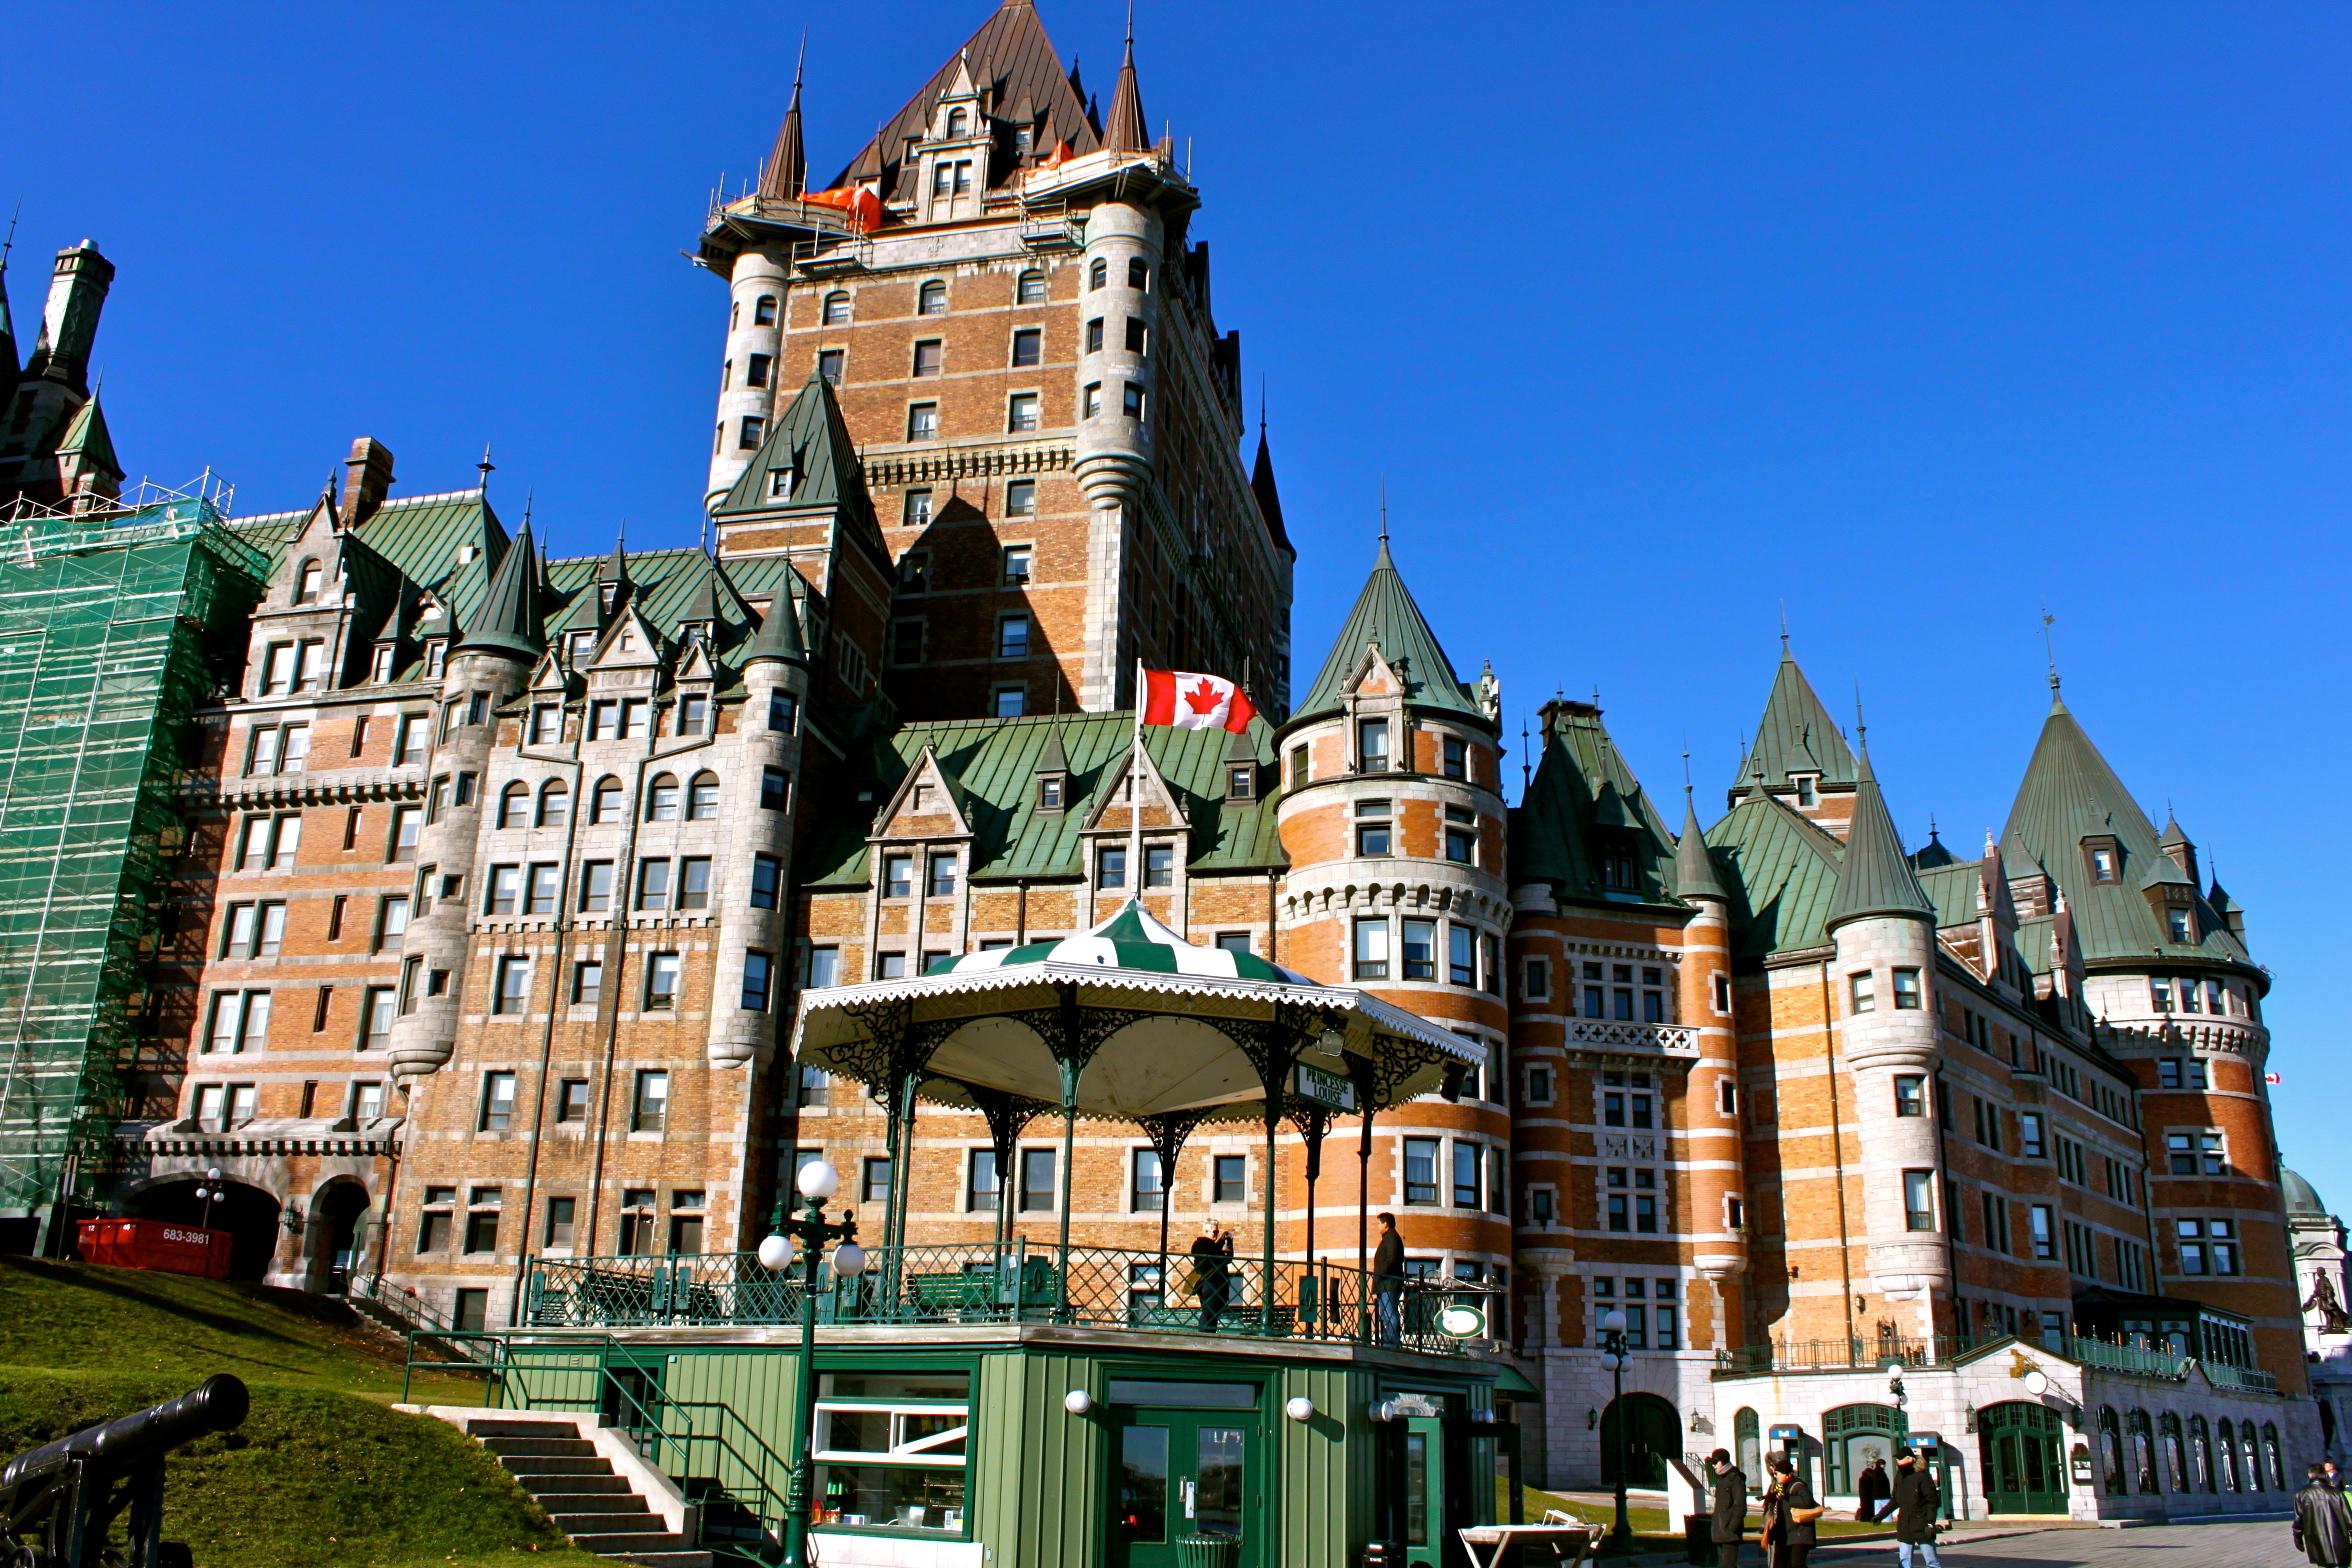 fairmont quebec city canada